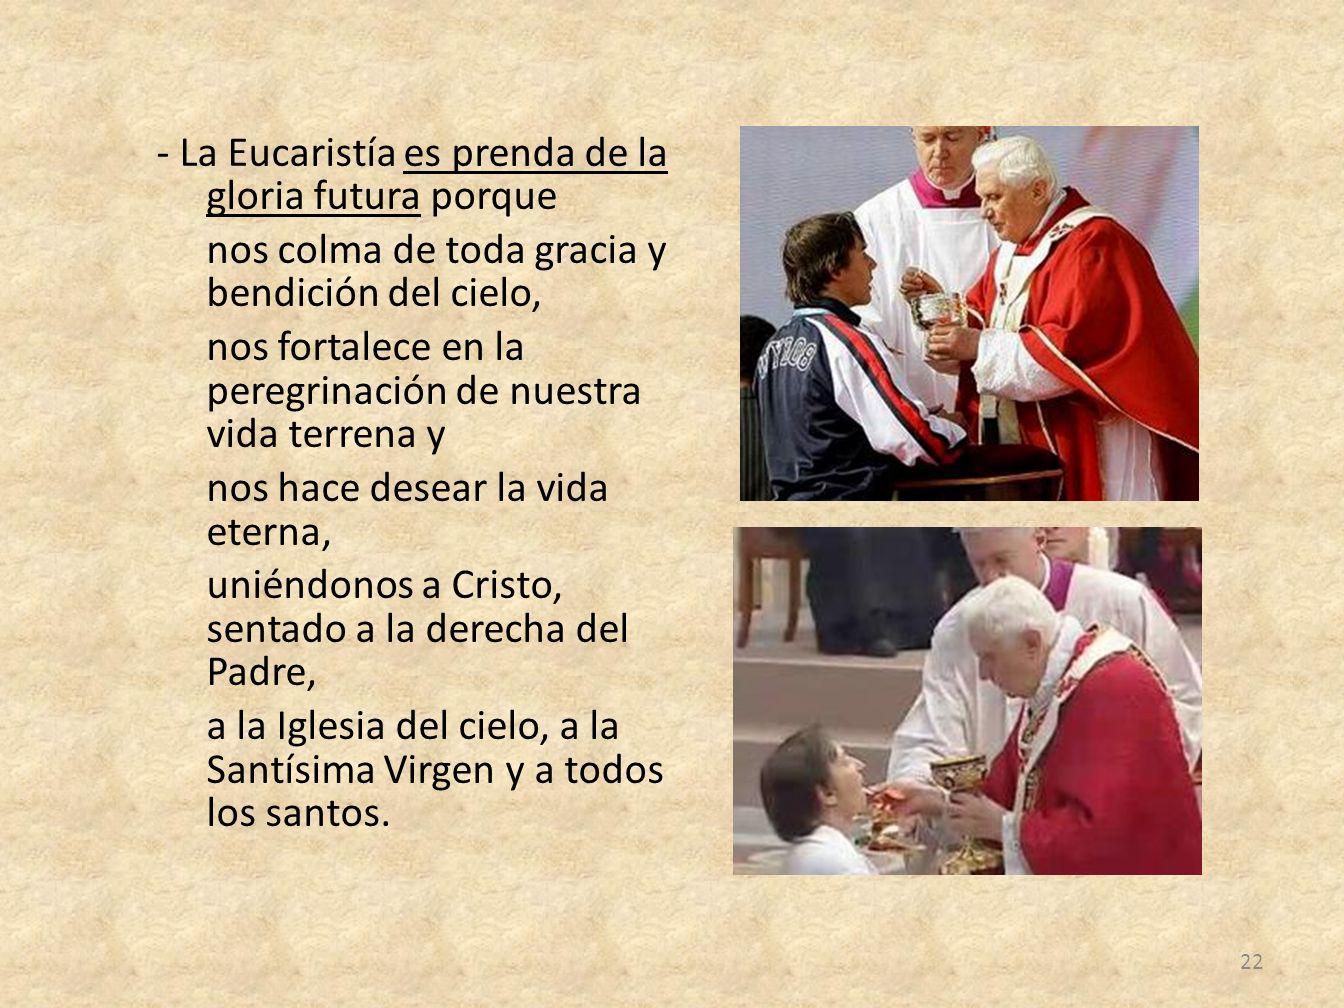 - La Eucaristía es prenda de la gloria futura porque nos colma de toda gracia y bendición del cielo, nos fortalece en la peregrinación de nuestra vida